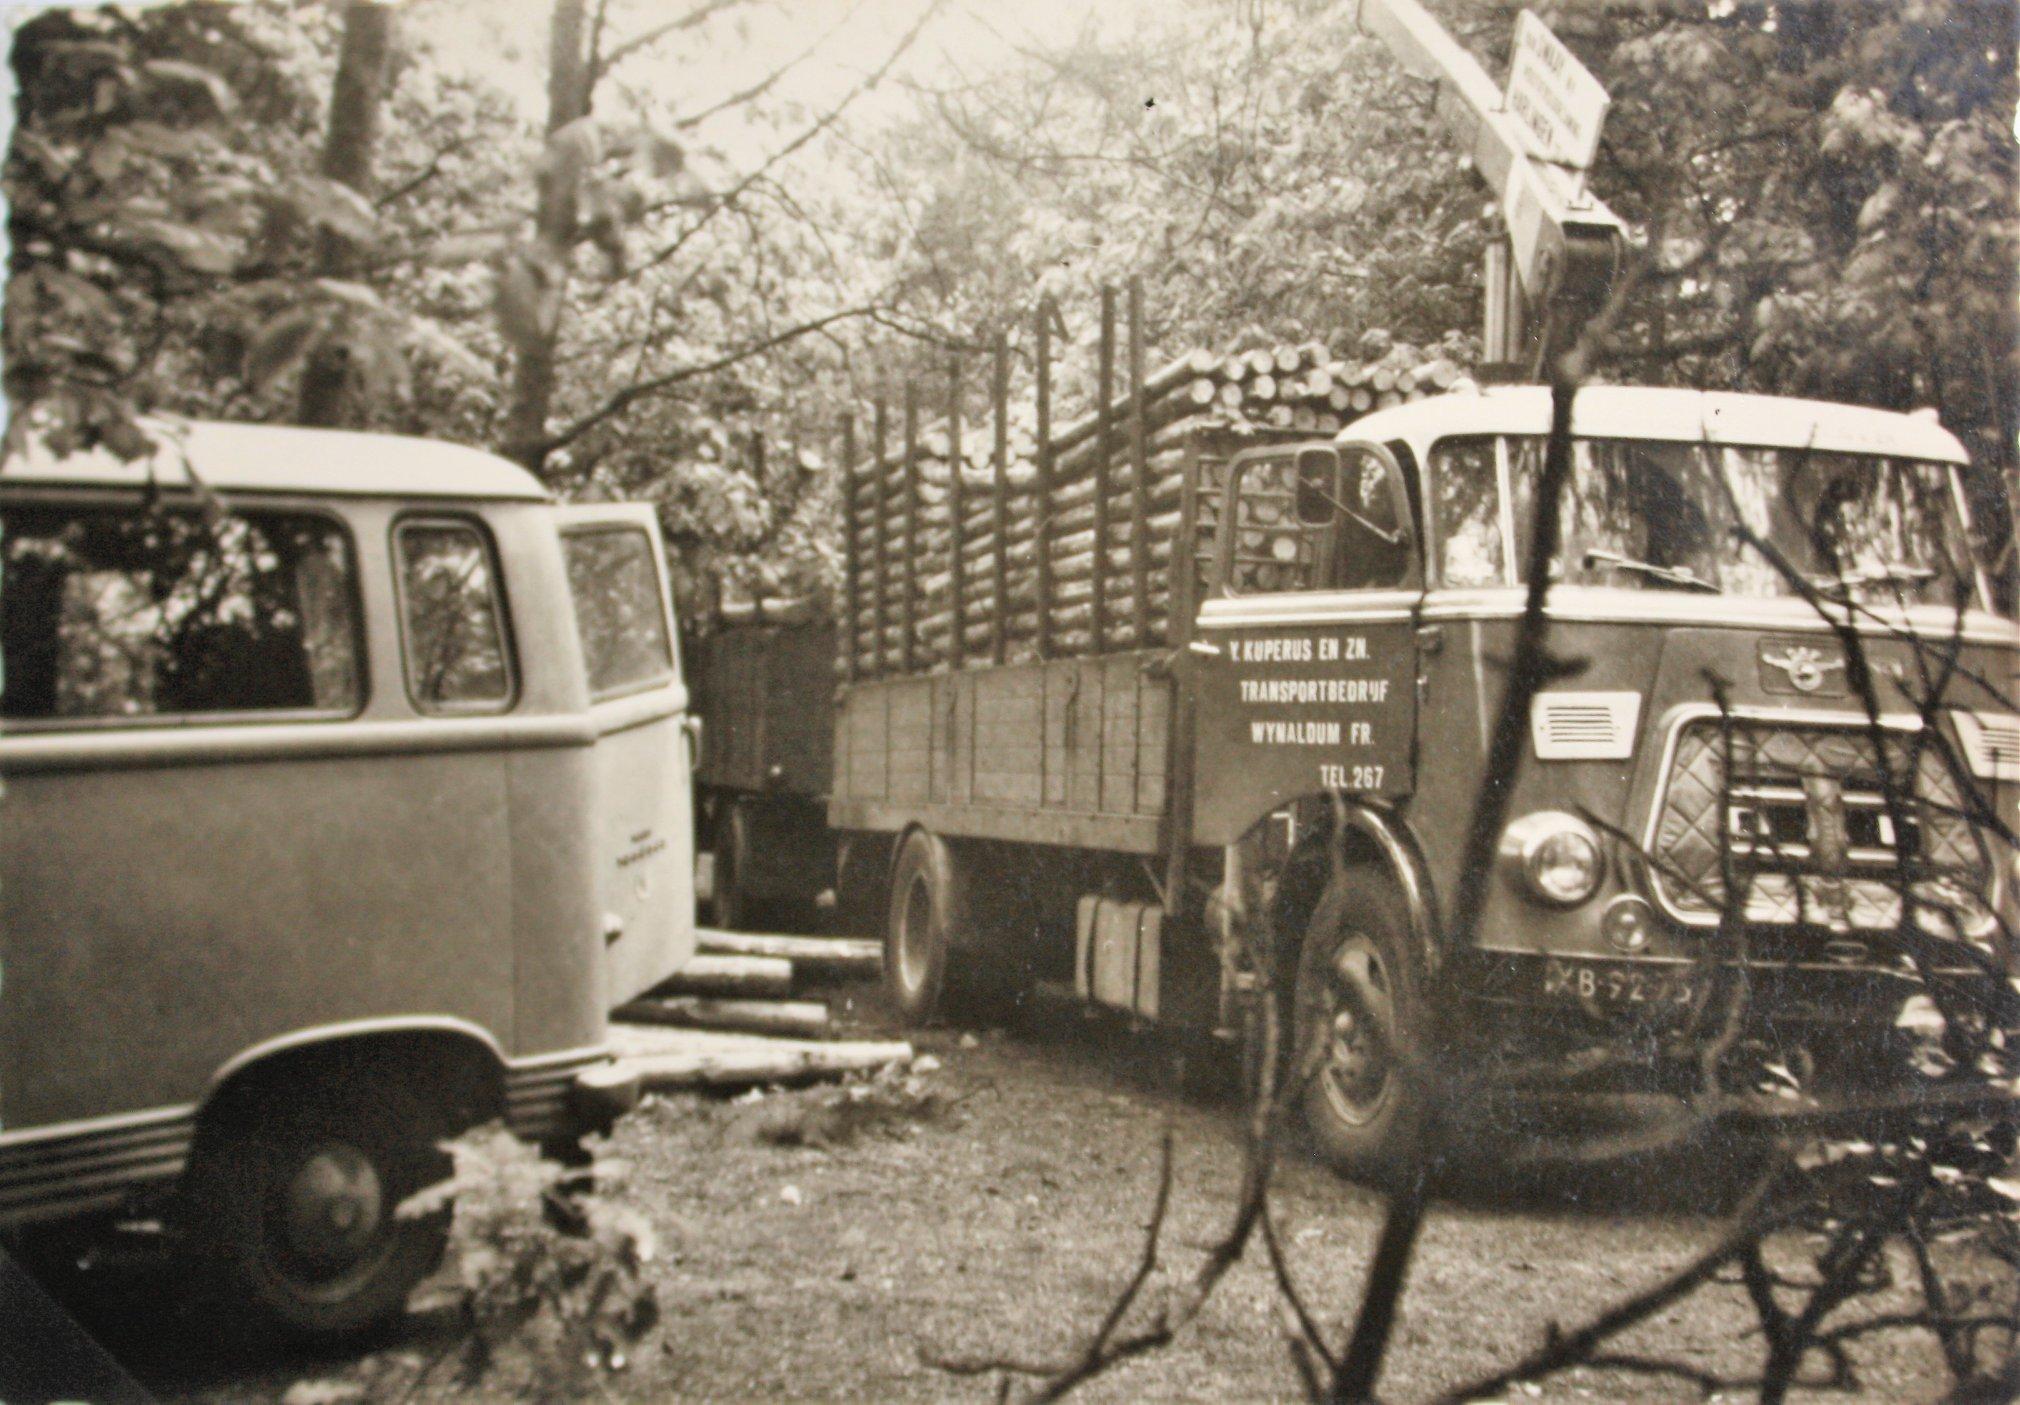 DAF-met-een-DAF-aanhangwagen-uit-1964-van-Y--Kuperus-en-Zn-Transportbedrijf-uit-Wijnaldum-2